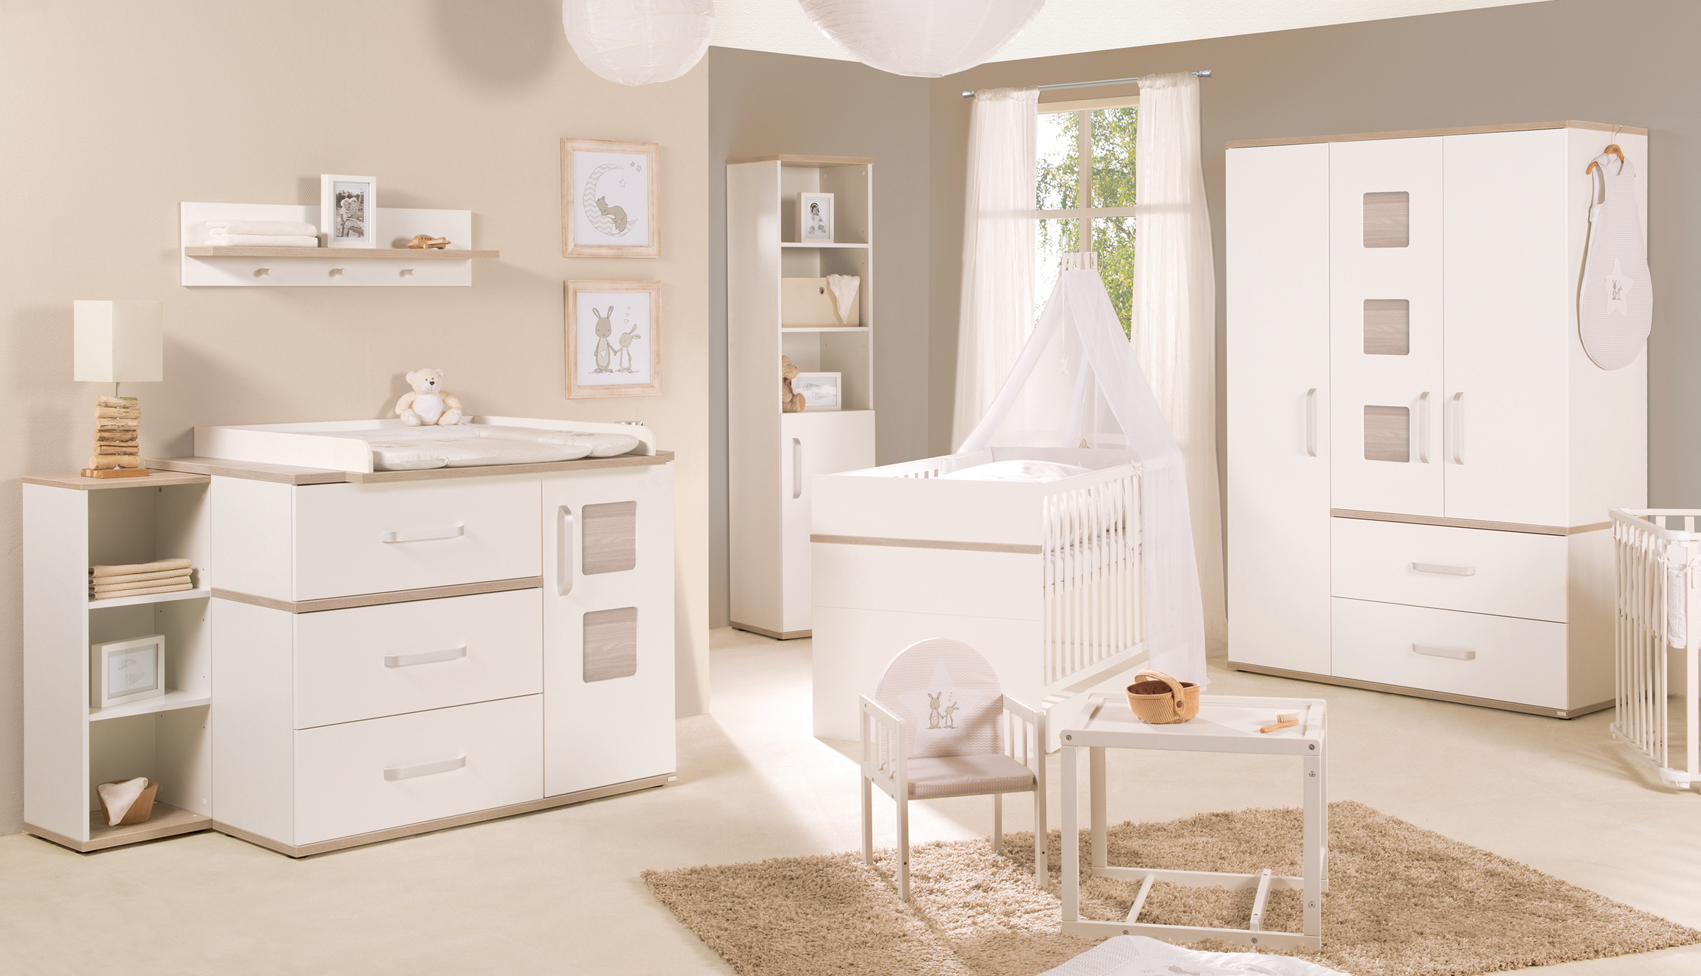 Kinderzimmer moritz baby bett wickelkommode und 3 trg. schrank 100391